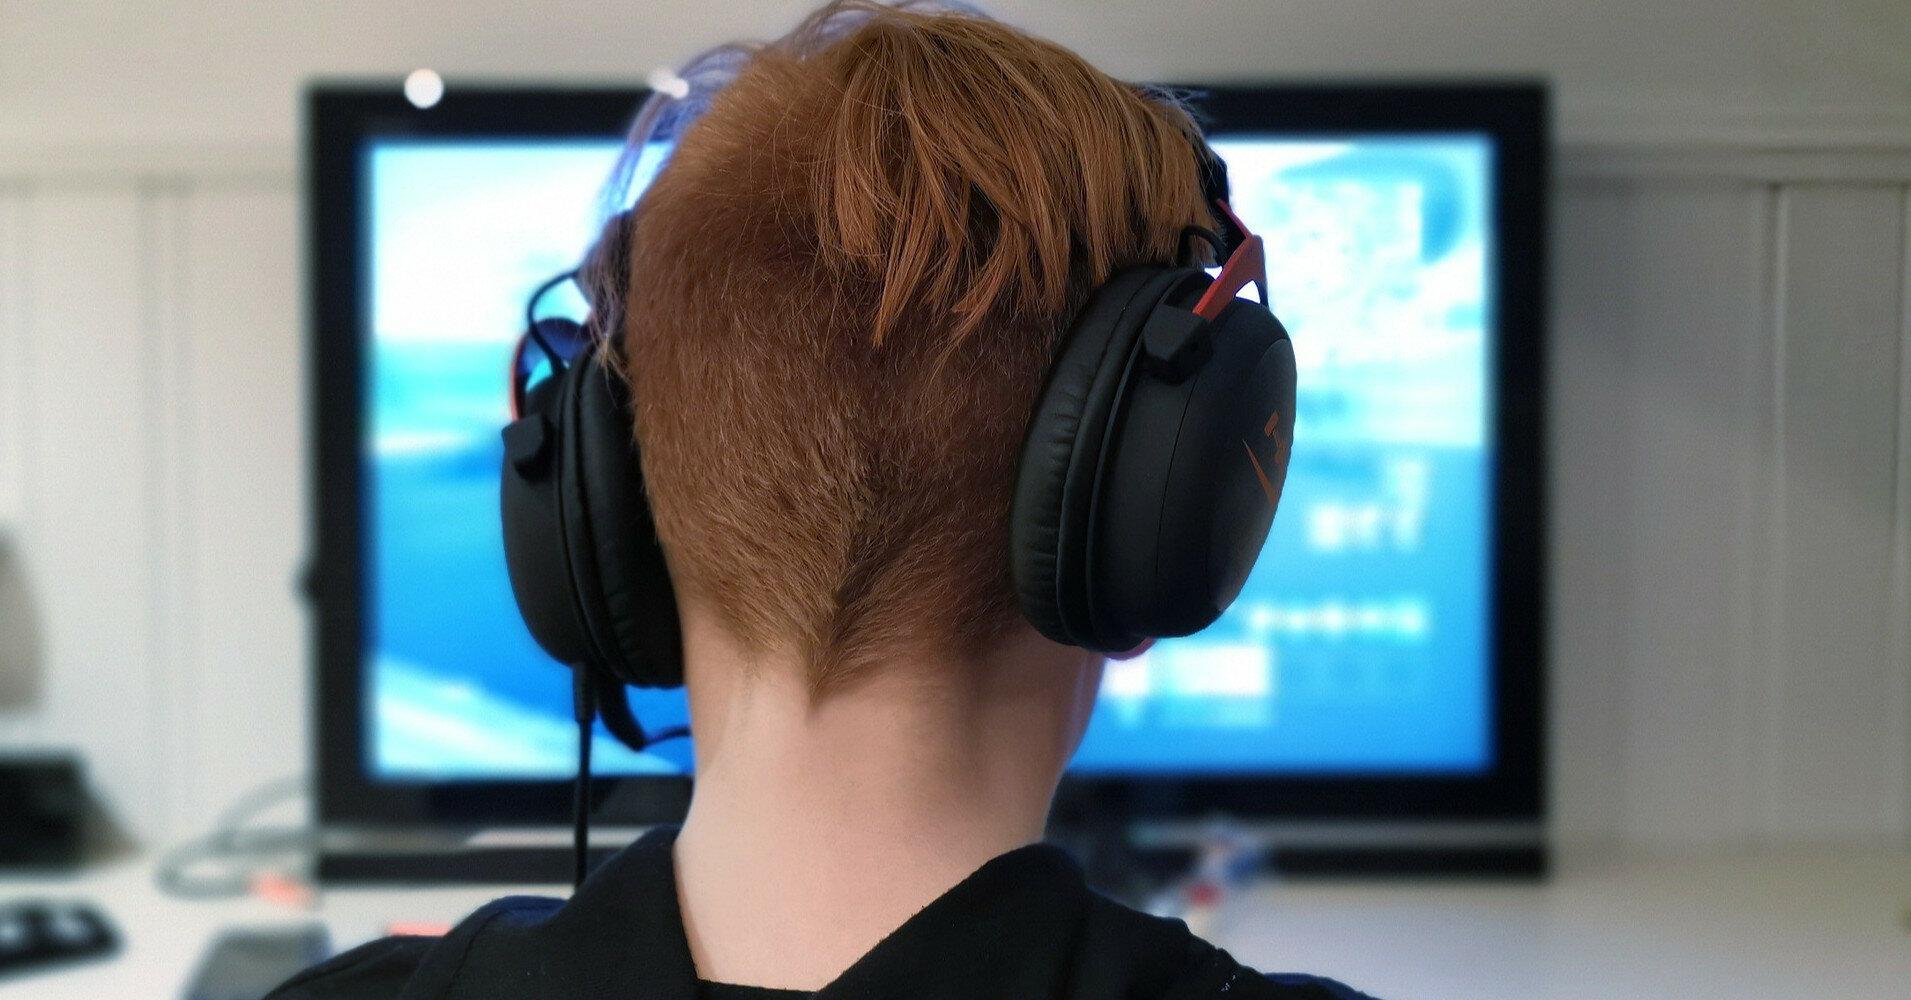 Вчені зробили несподівану заяву про користь відеоігор